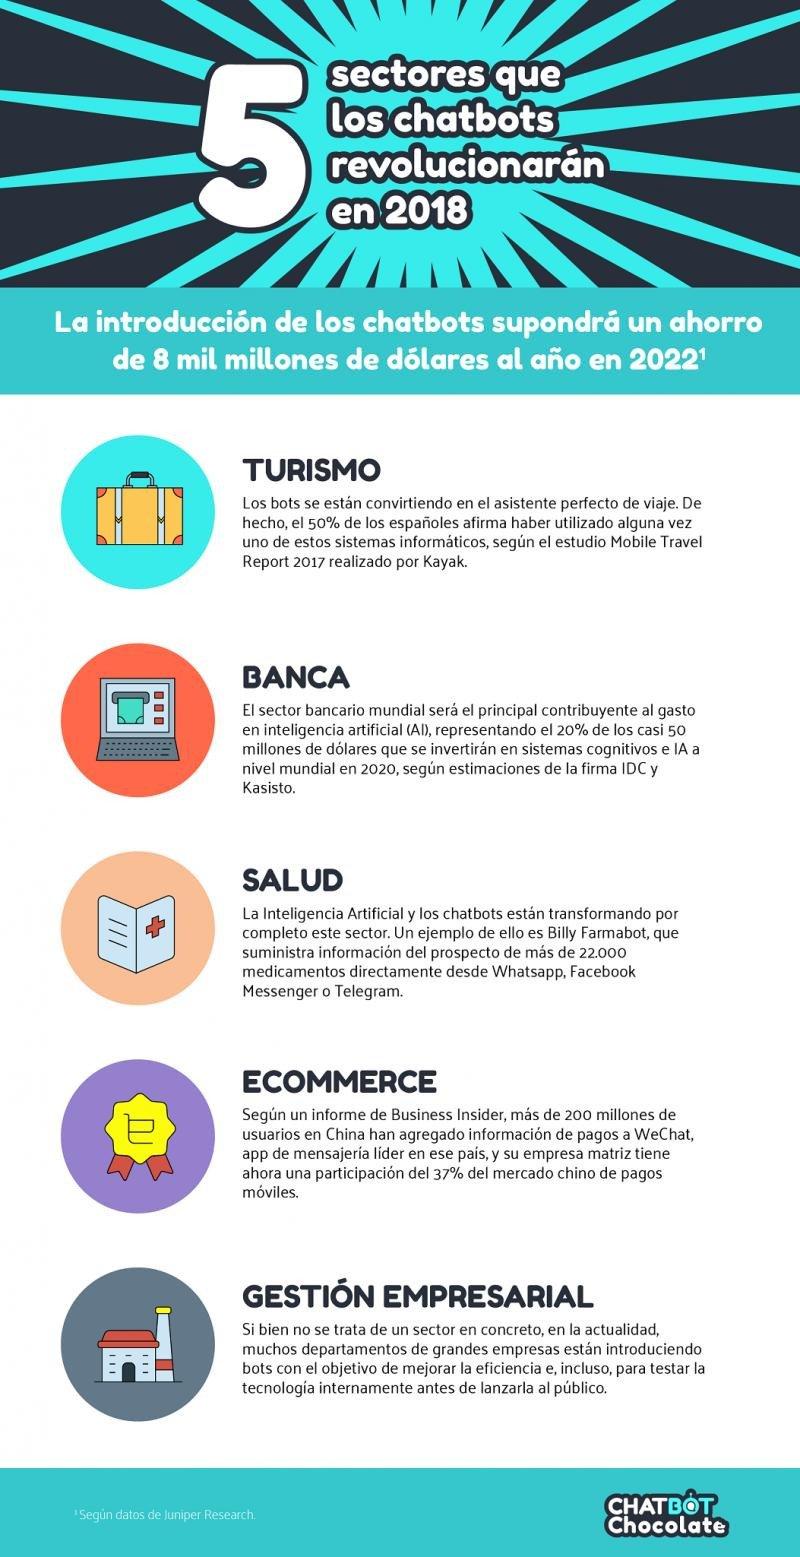 Infografía de Chatbot Chocolate de los cinco sectores en los que irrumpirán los chatbots el próximo año.